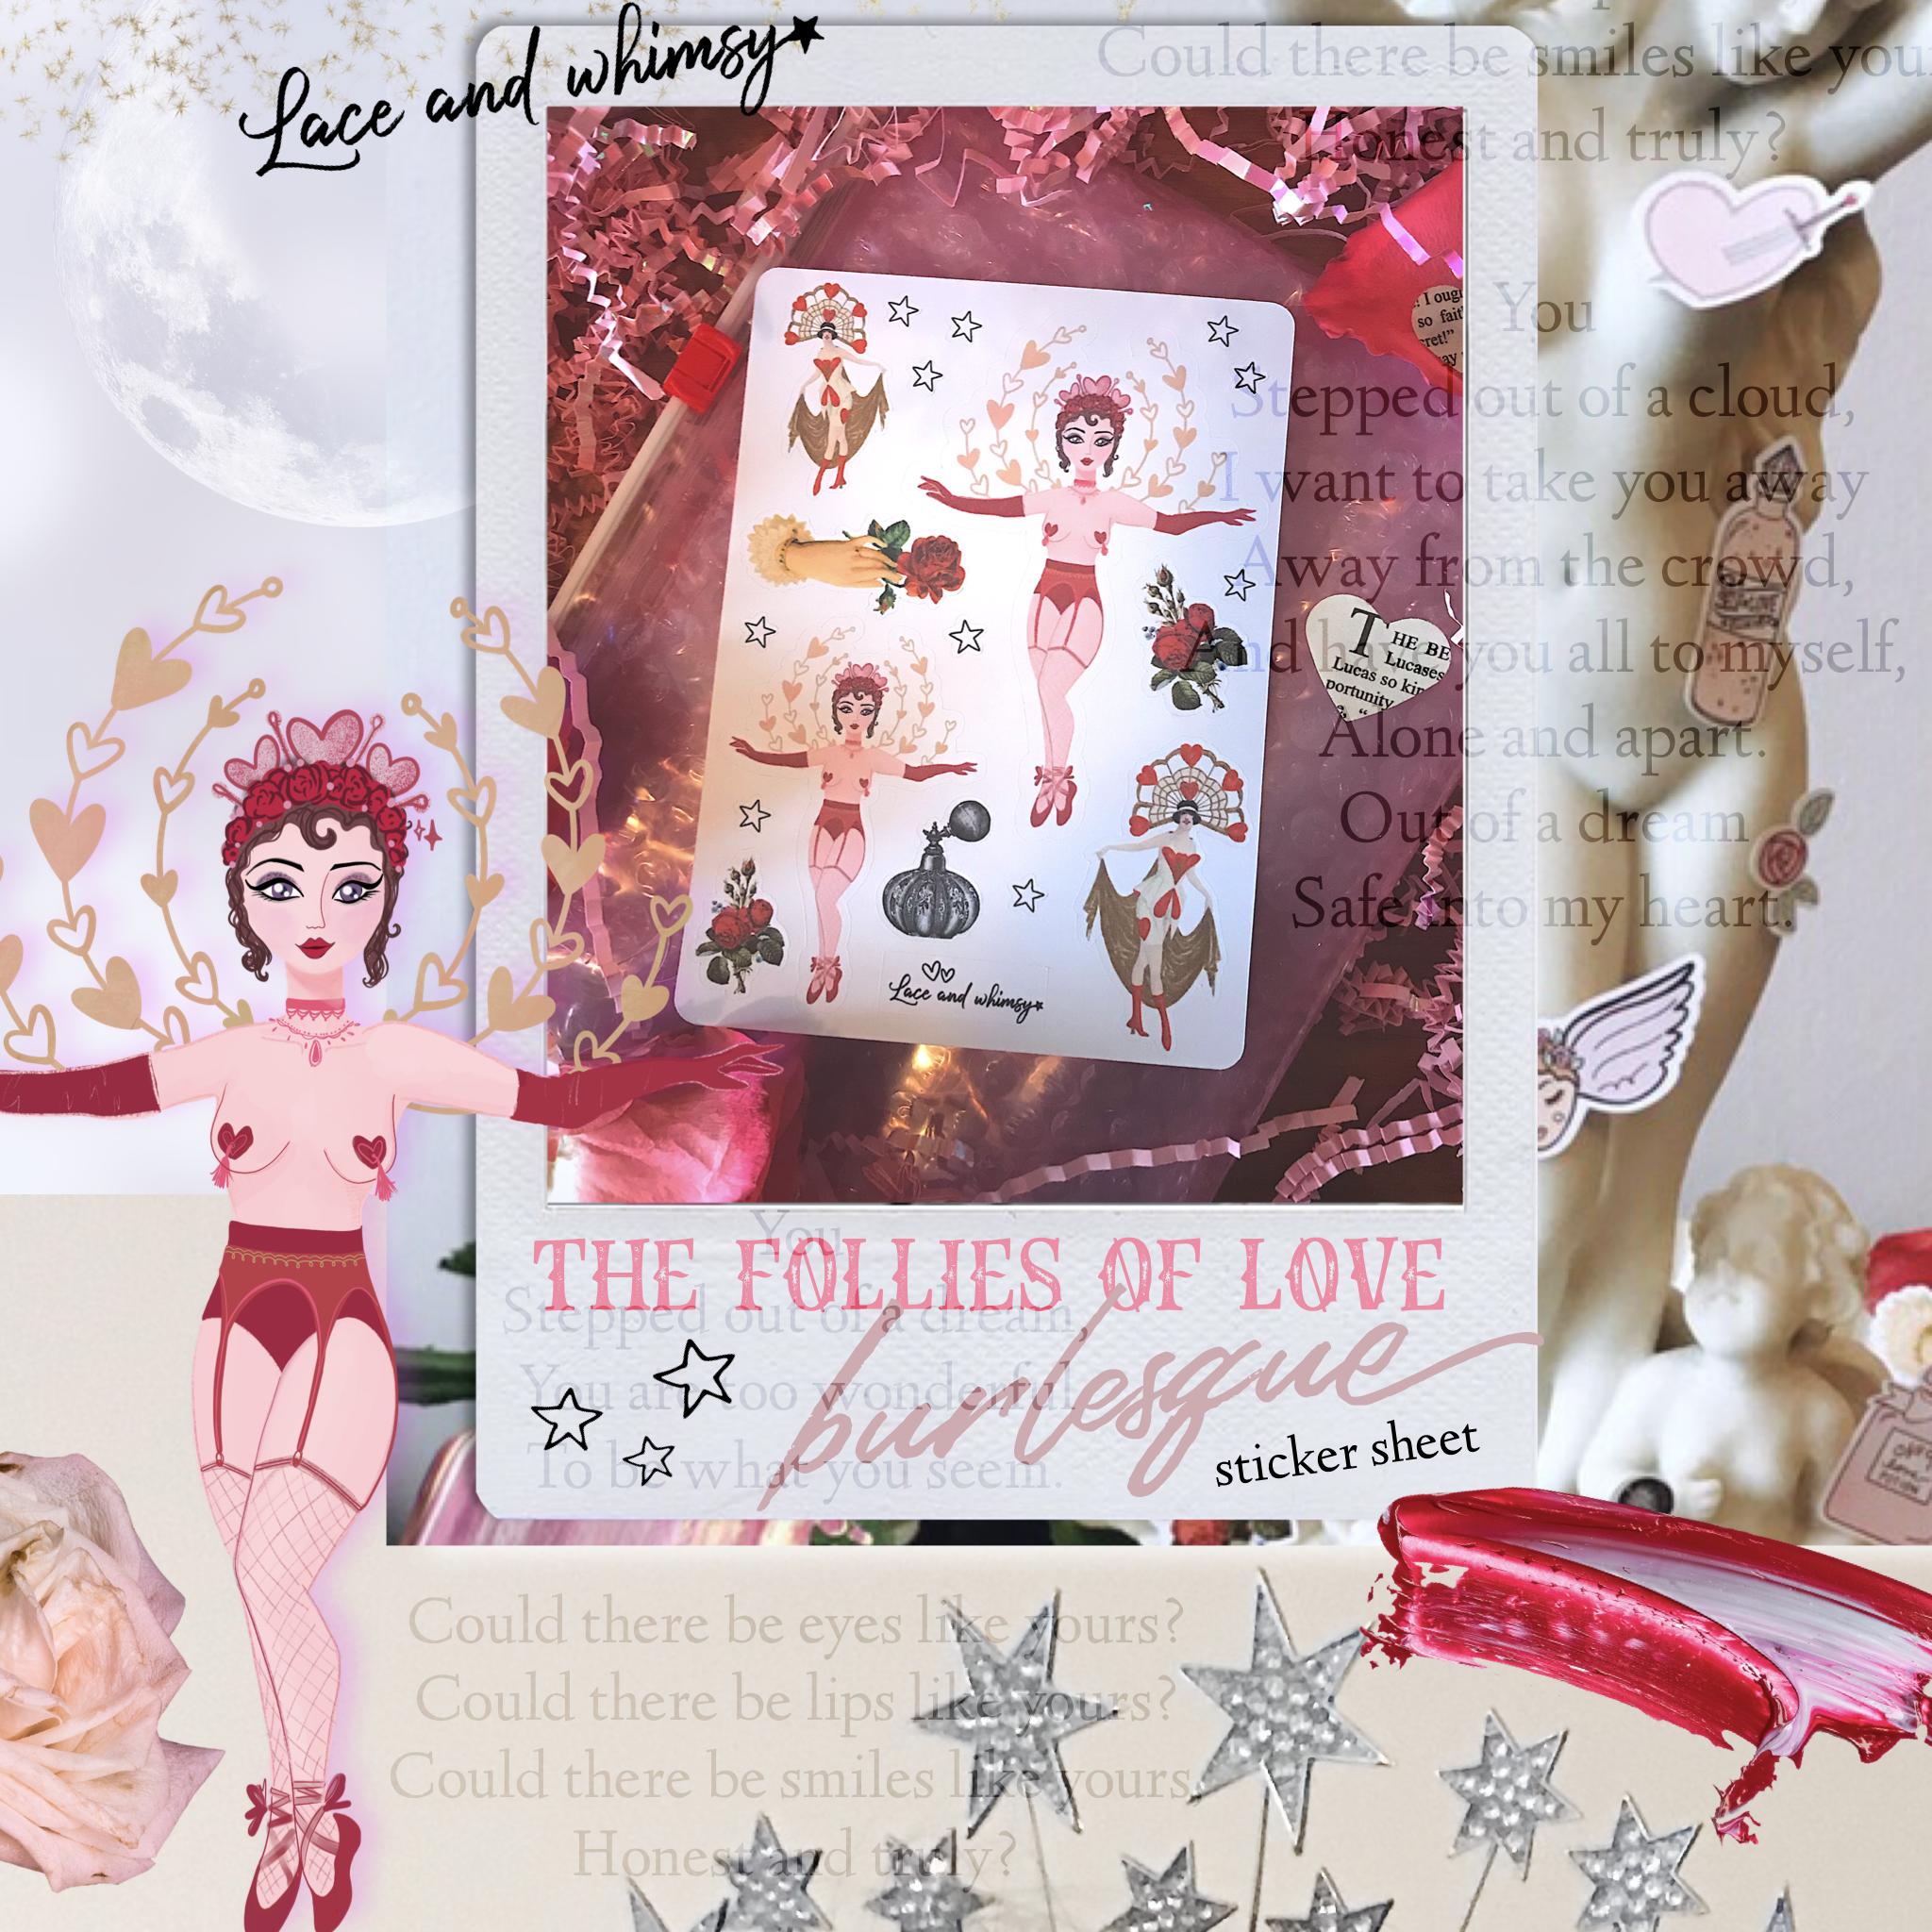 Follies of Love Burlesque Sticker Sheet